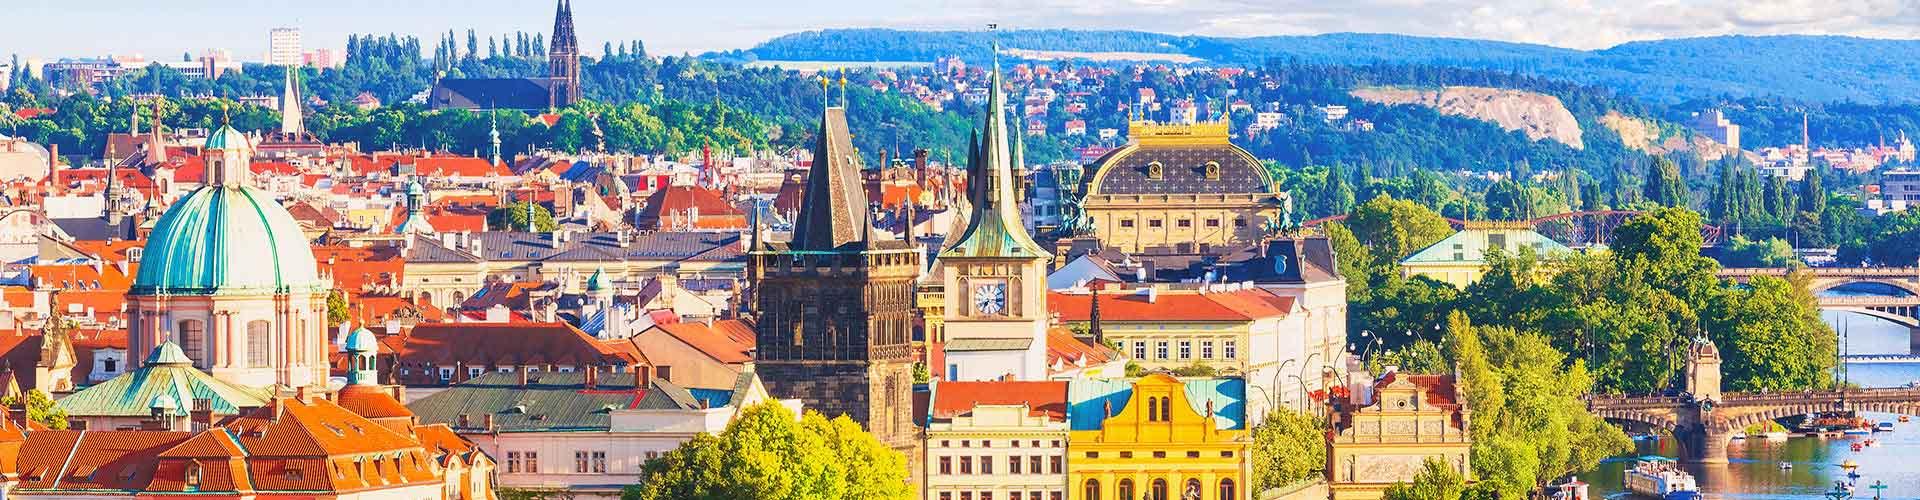 Praga – Albergues no bairro de Motol . Mapas para Praga, Fotos e Avaliações para cada Albergue em Praga.